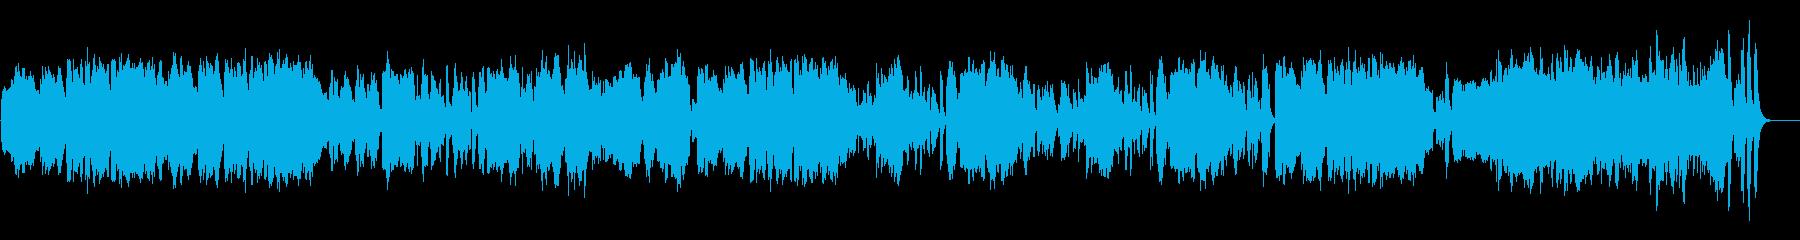 ビブラフォンと木管の明るくコミカルな曲の再生済みの波形